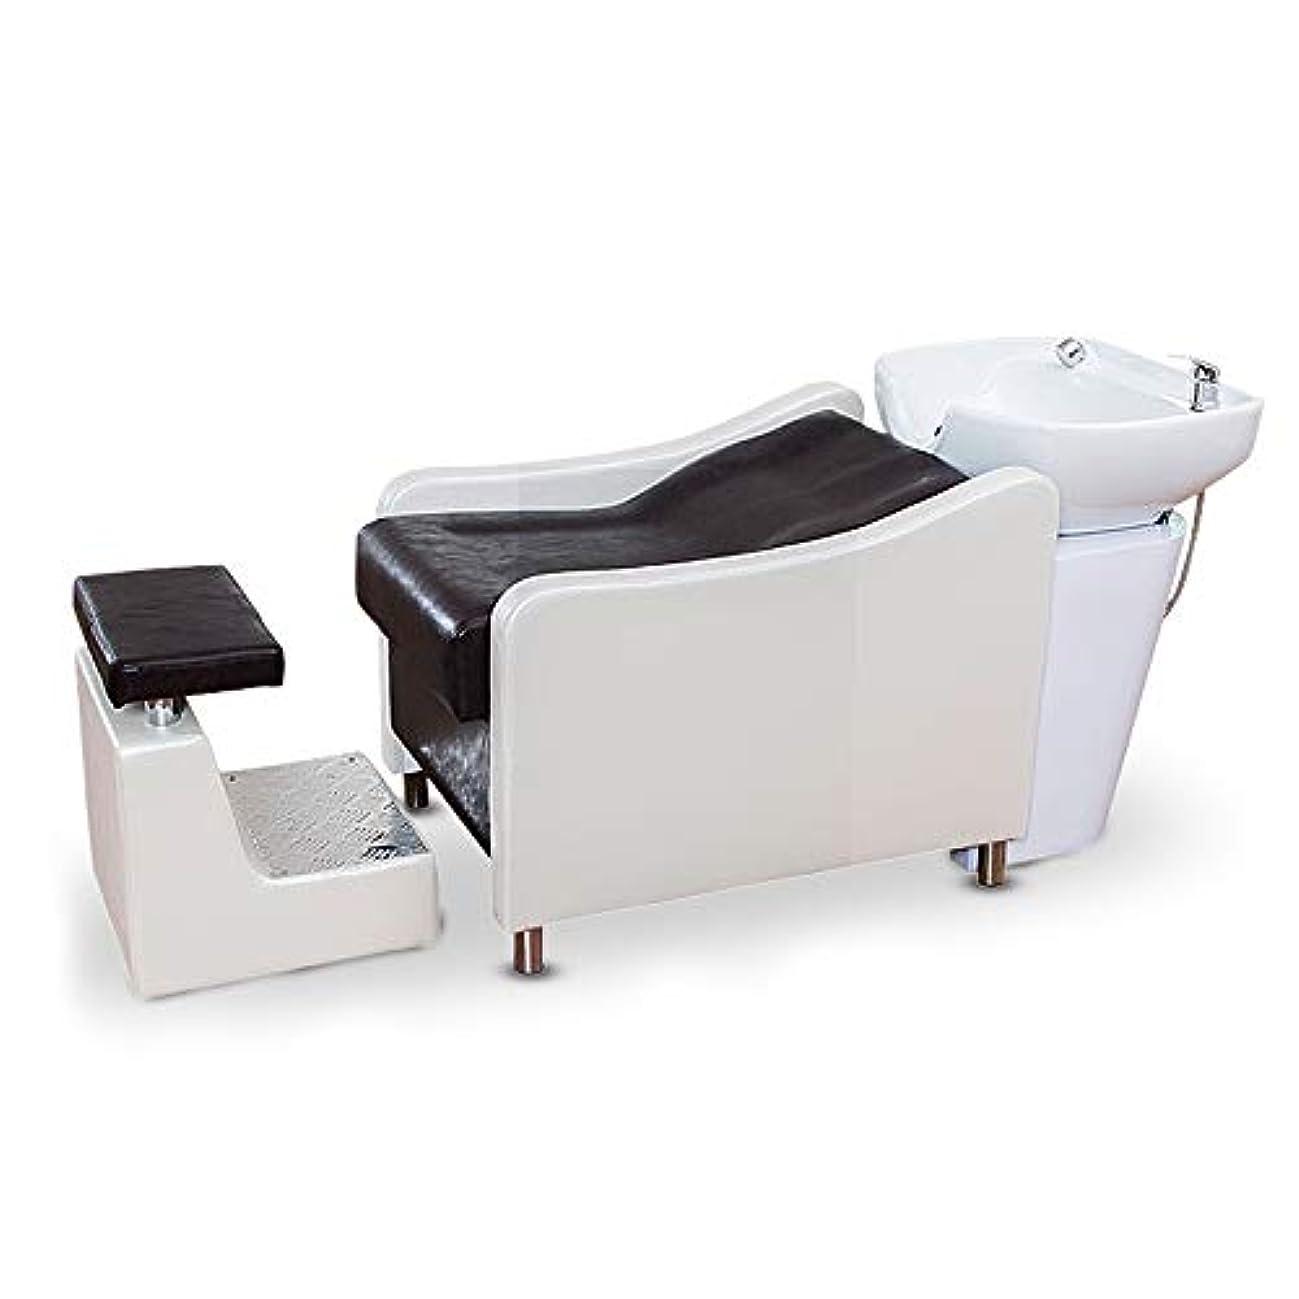 受信機指紋均等にシャンプーチェア、洗顔ユニットシャンプーボウル理髪シンクチェア、スパエステサロン設備(ホワイト)